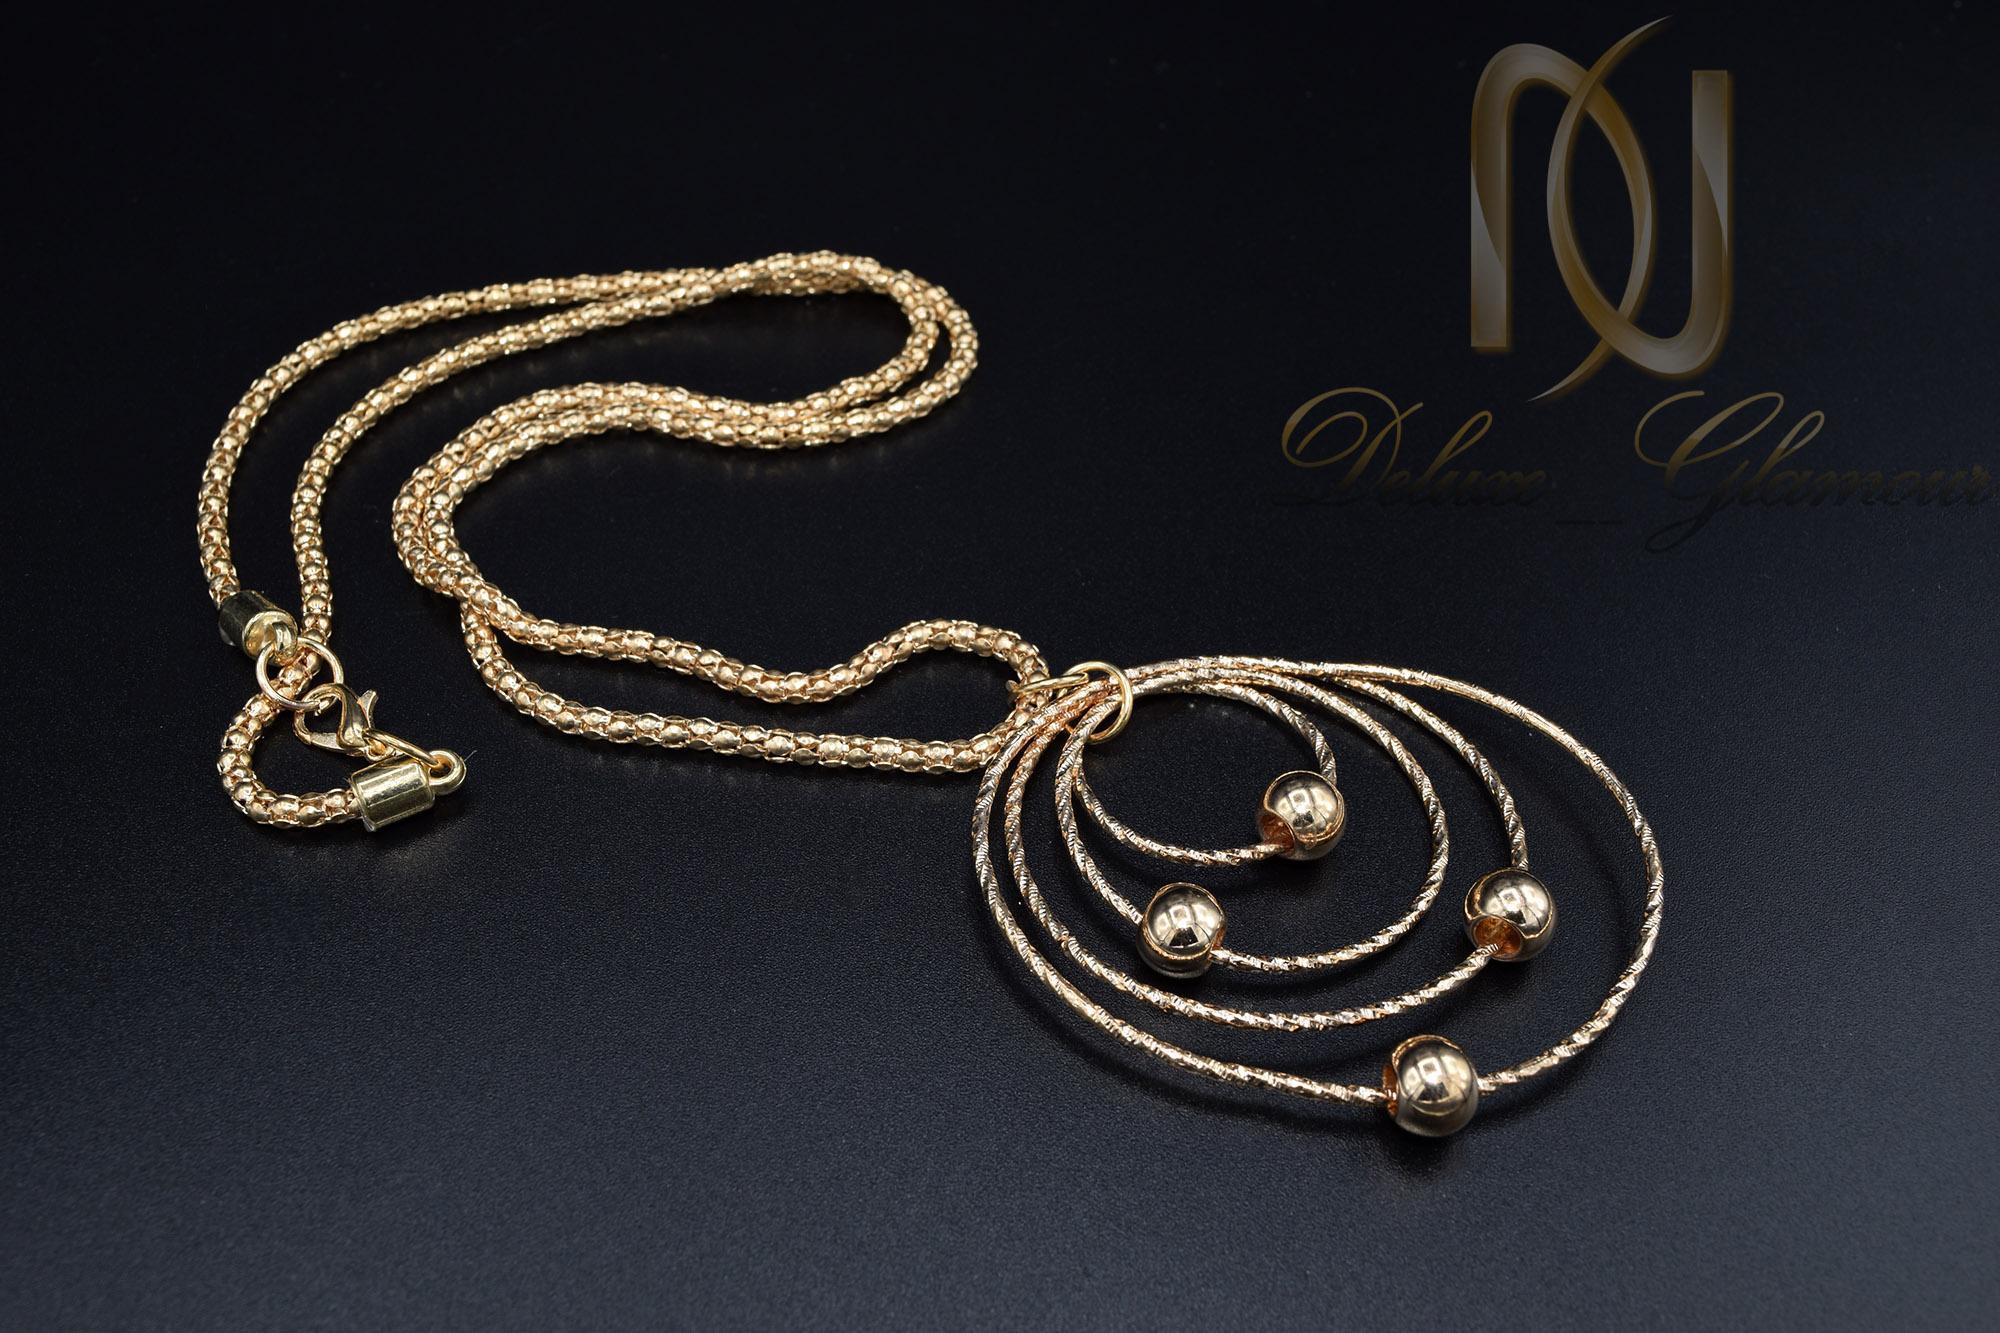 گردنبند رومانتویی بلند طرح طلا NW-N444 از نمای مشکی